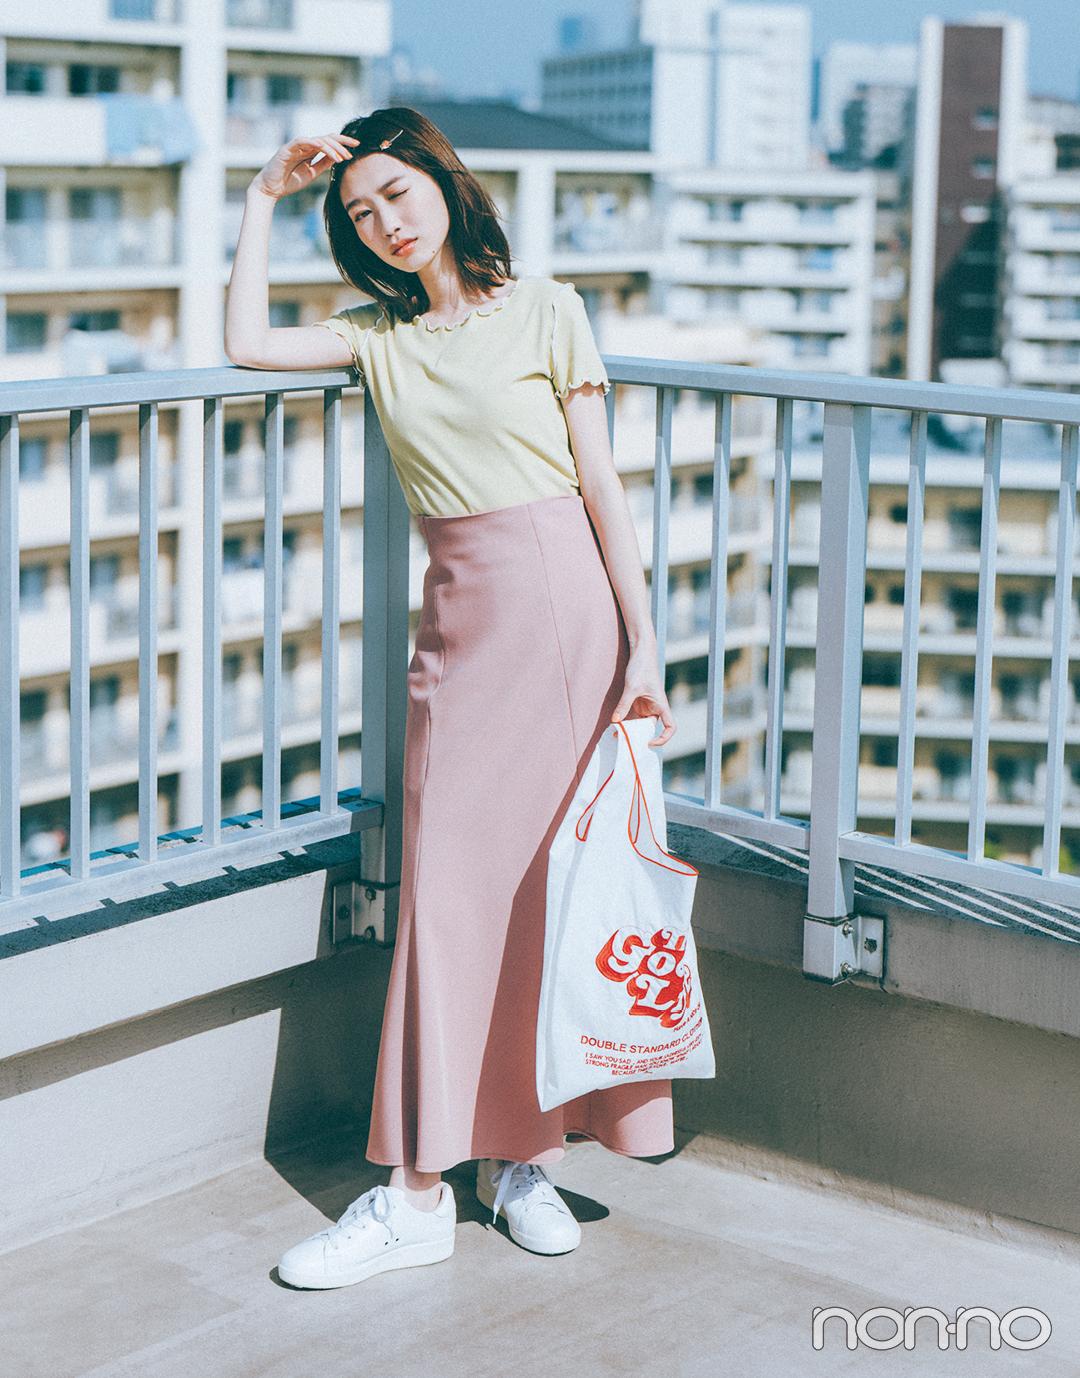 『岡本夏美』のモデルカット6-2